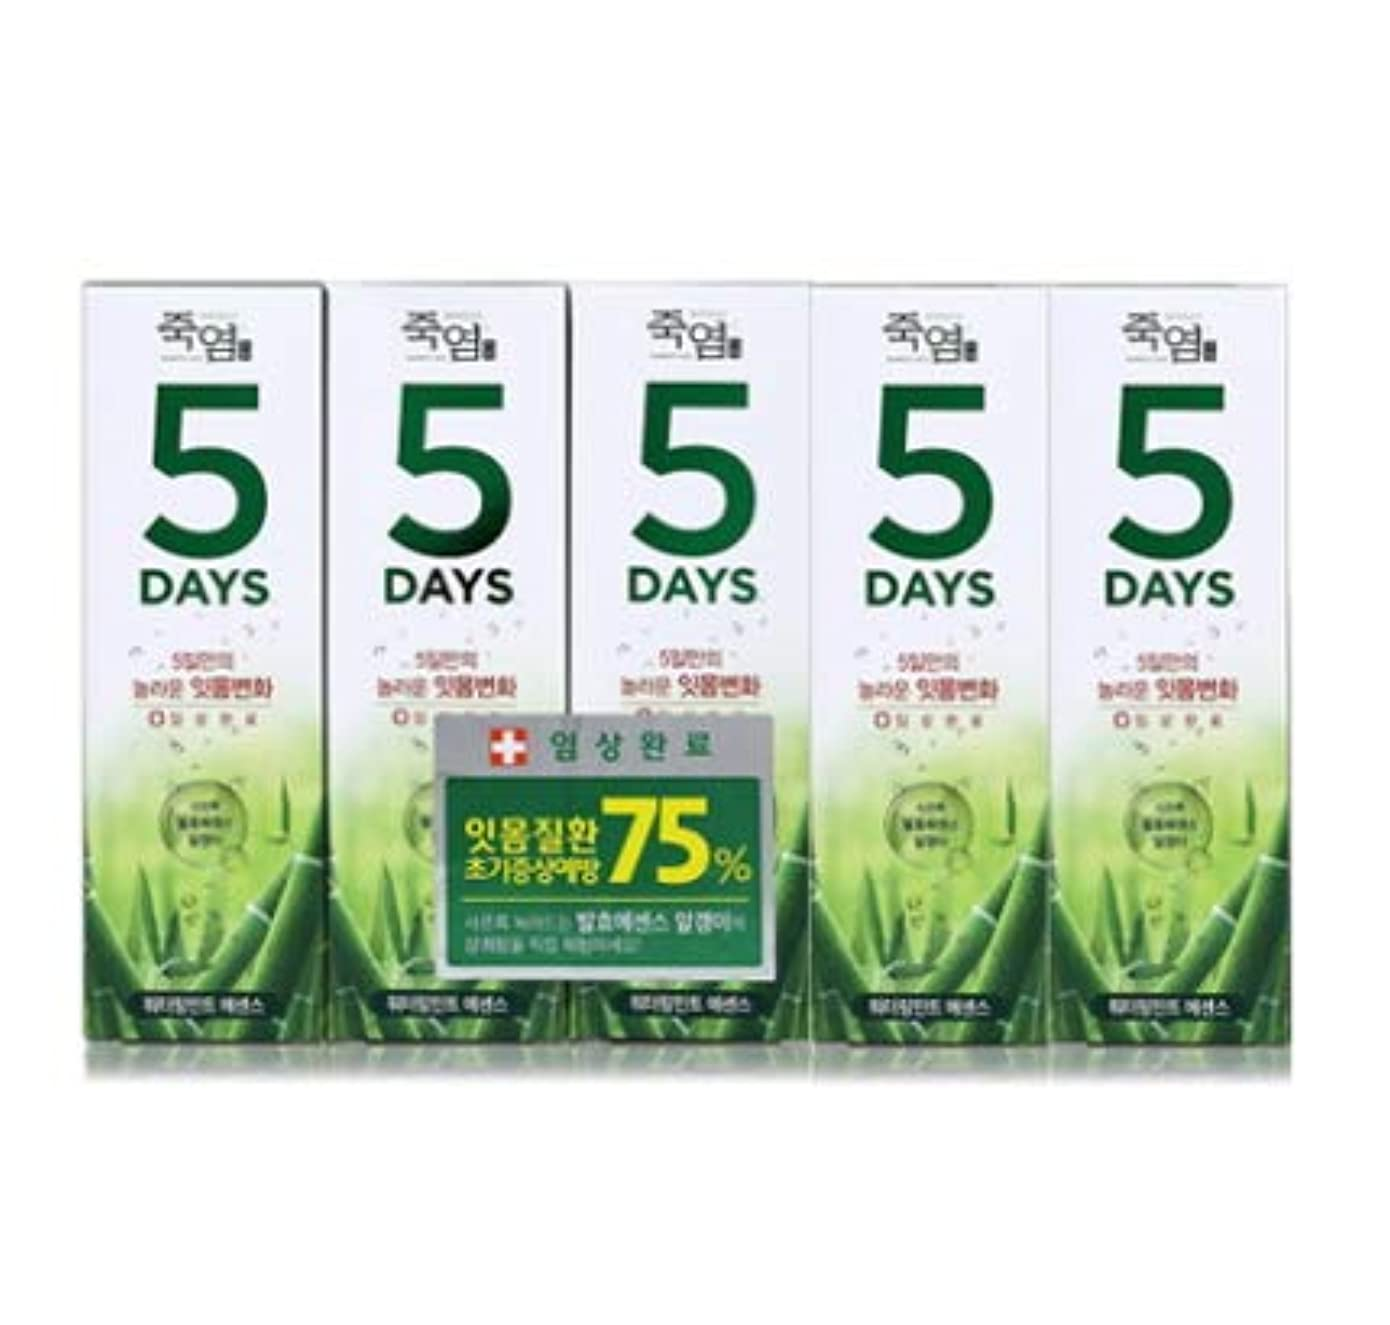 肝ラッシュできれば[LG Care/LG生活健康]竹塩歯磨き粉5daysウォーターリングミント100g x5ea/歯磨きセットスペシャル?リミテッドToothpaste Set Special Limited Korea(海外直送品)